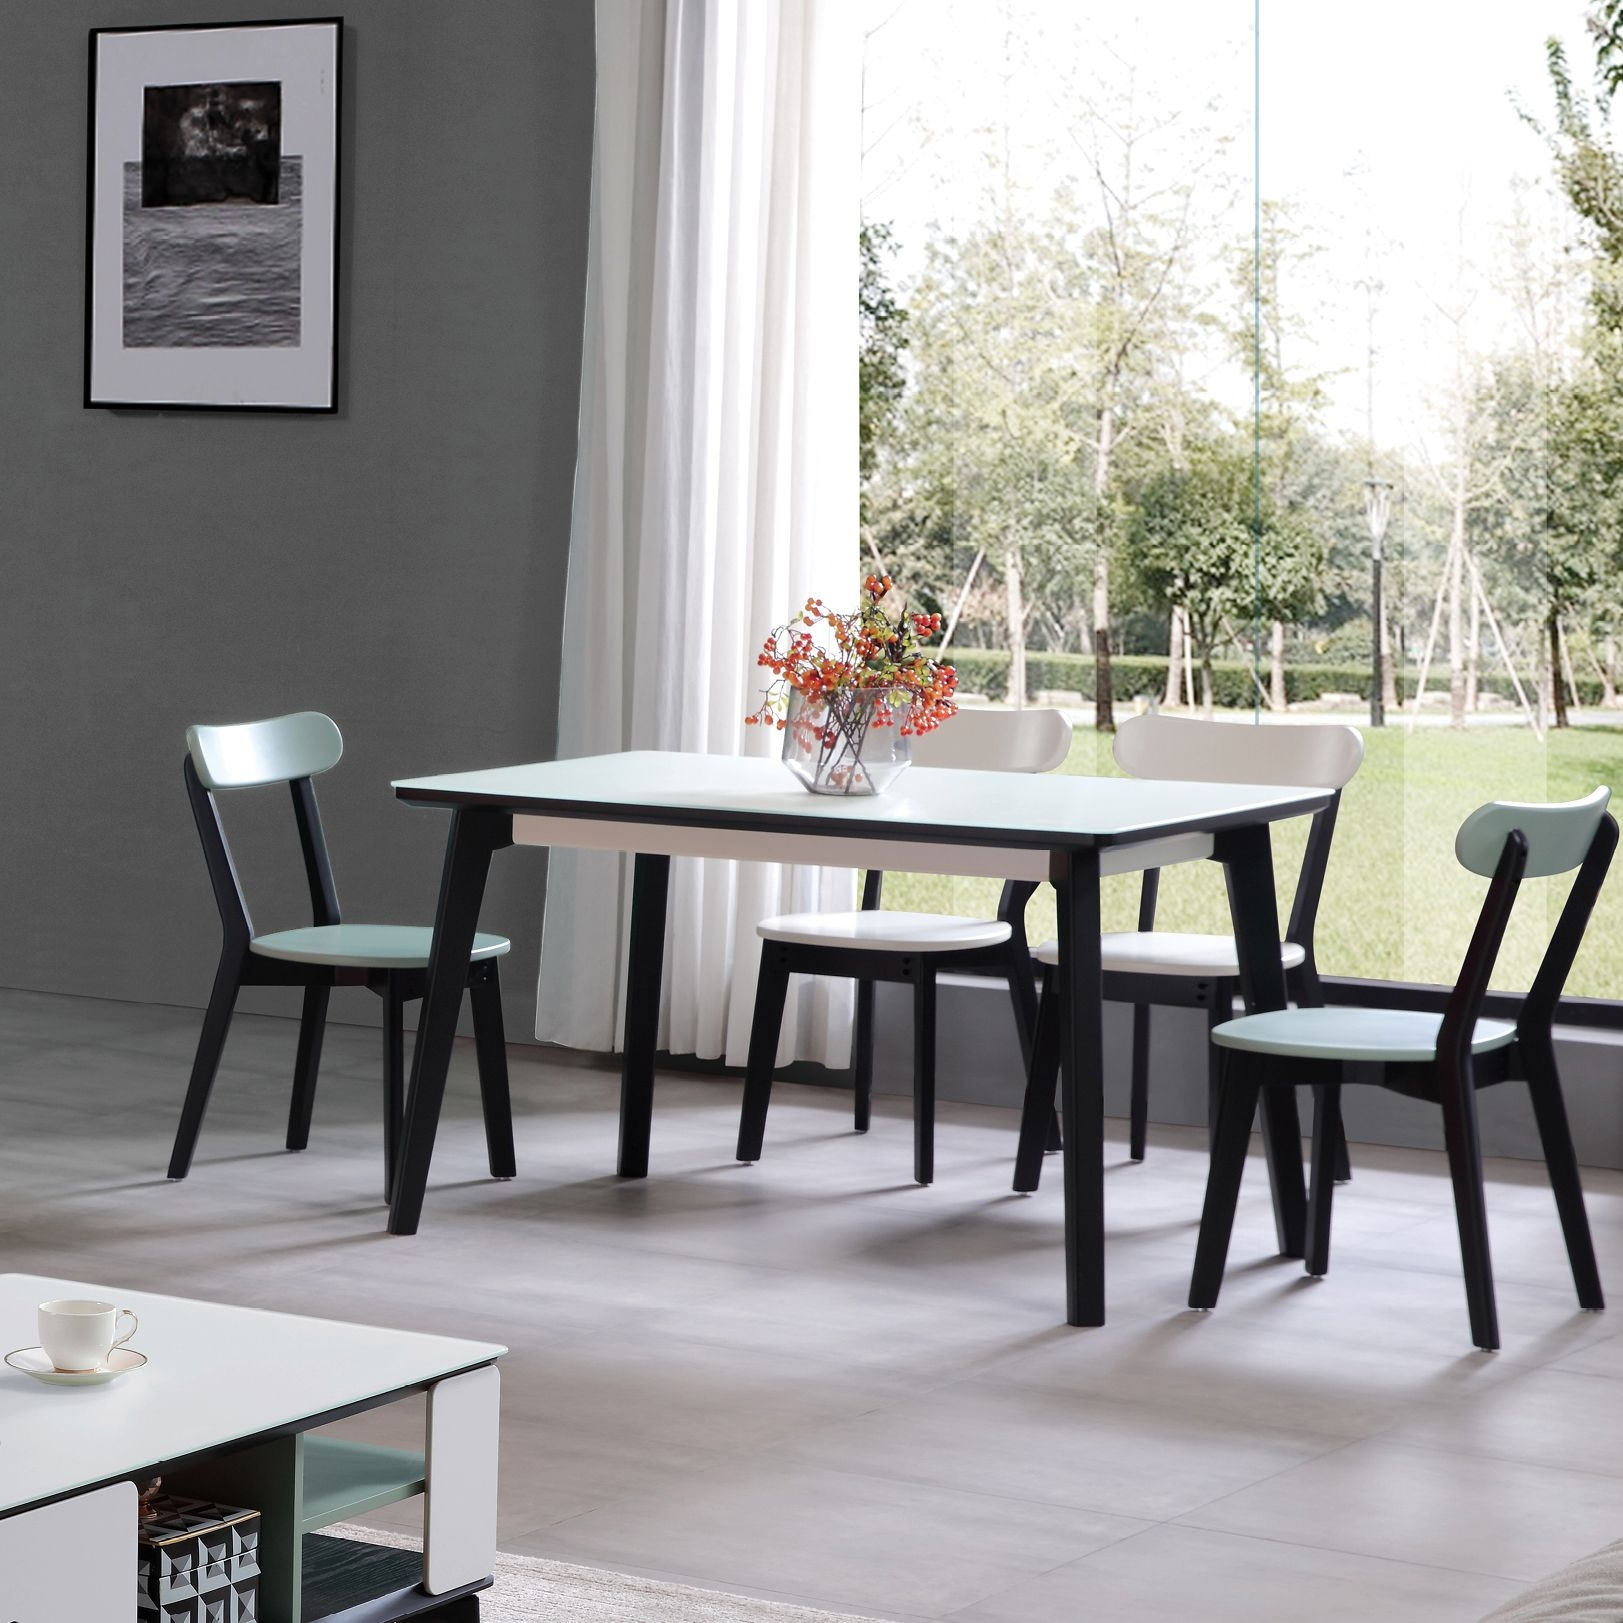 【新红阳】柜客系列  现代极简 双色拼接餐桌 橡木实木结构1.35米六人位长方形 餐桌